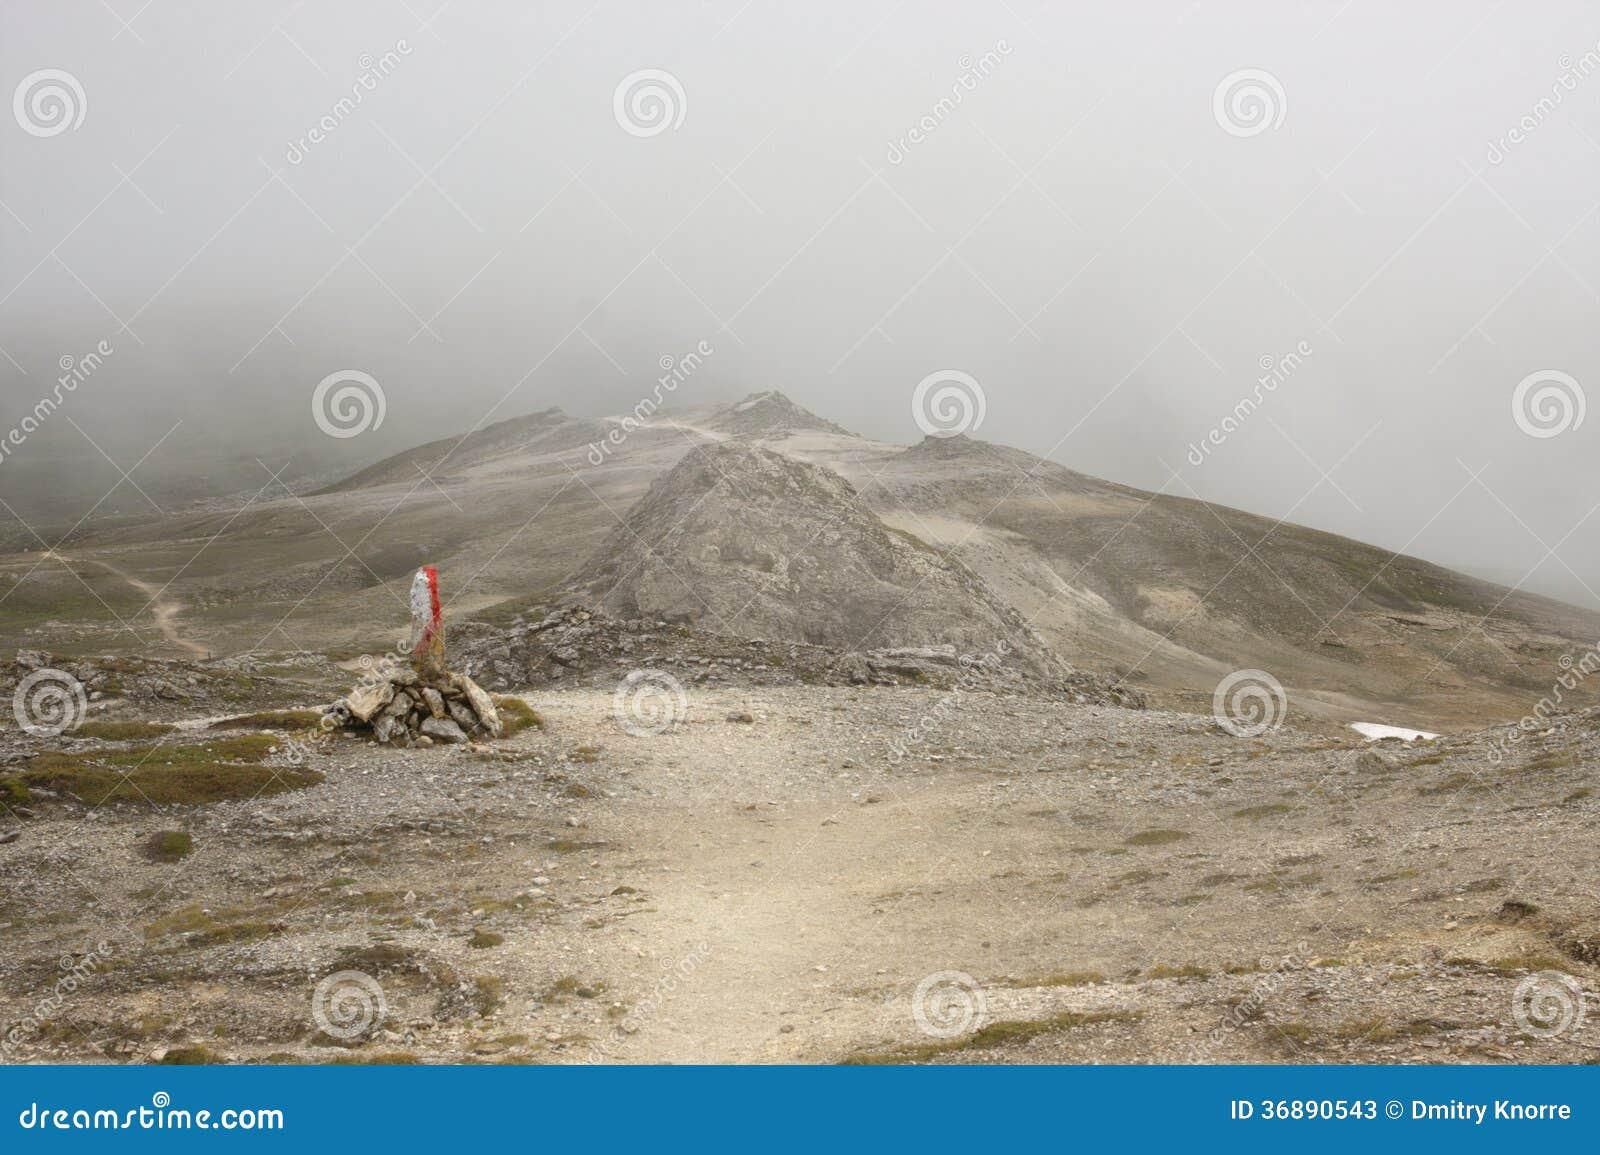 Download Indicatore Del Percorso Della Montagna Immagine Stock - Immagine di hiking, contrassegno: 36890543